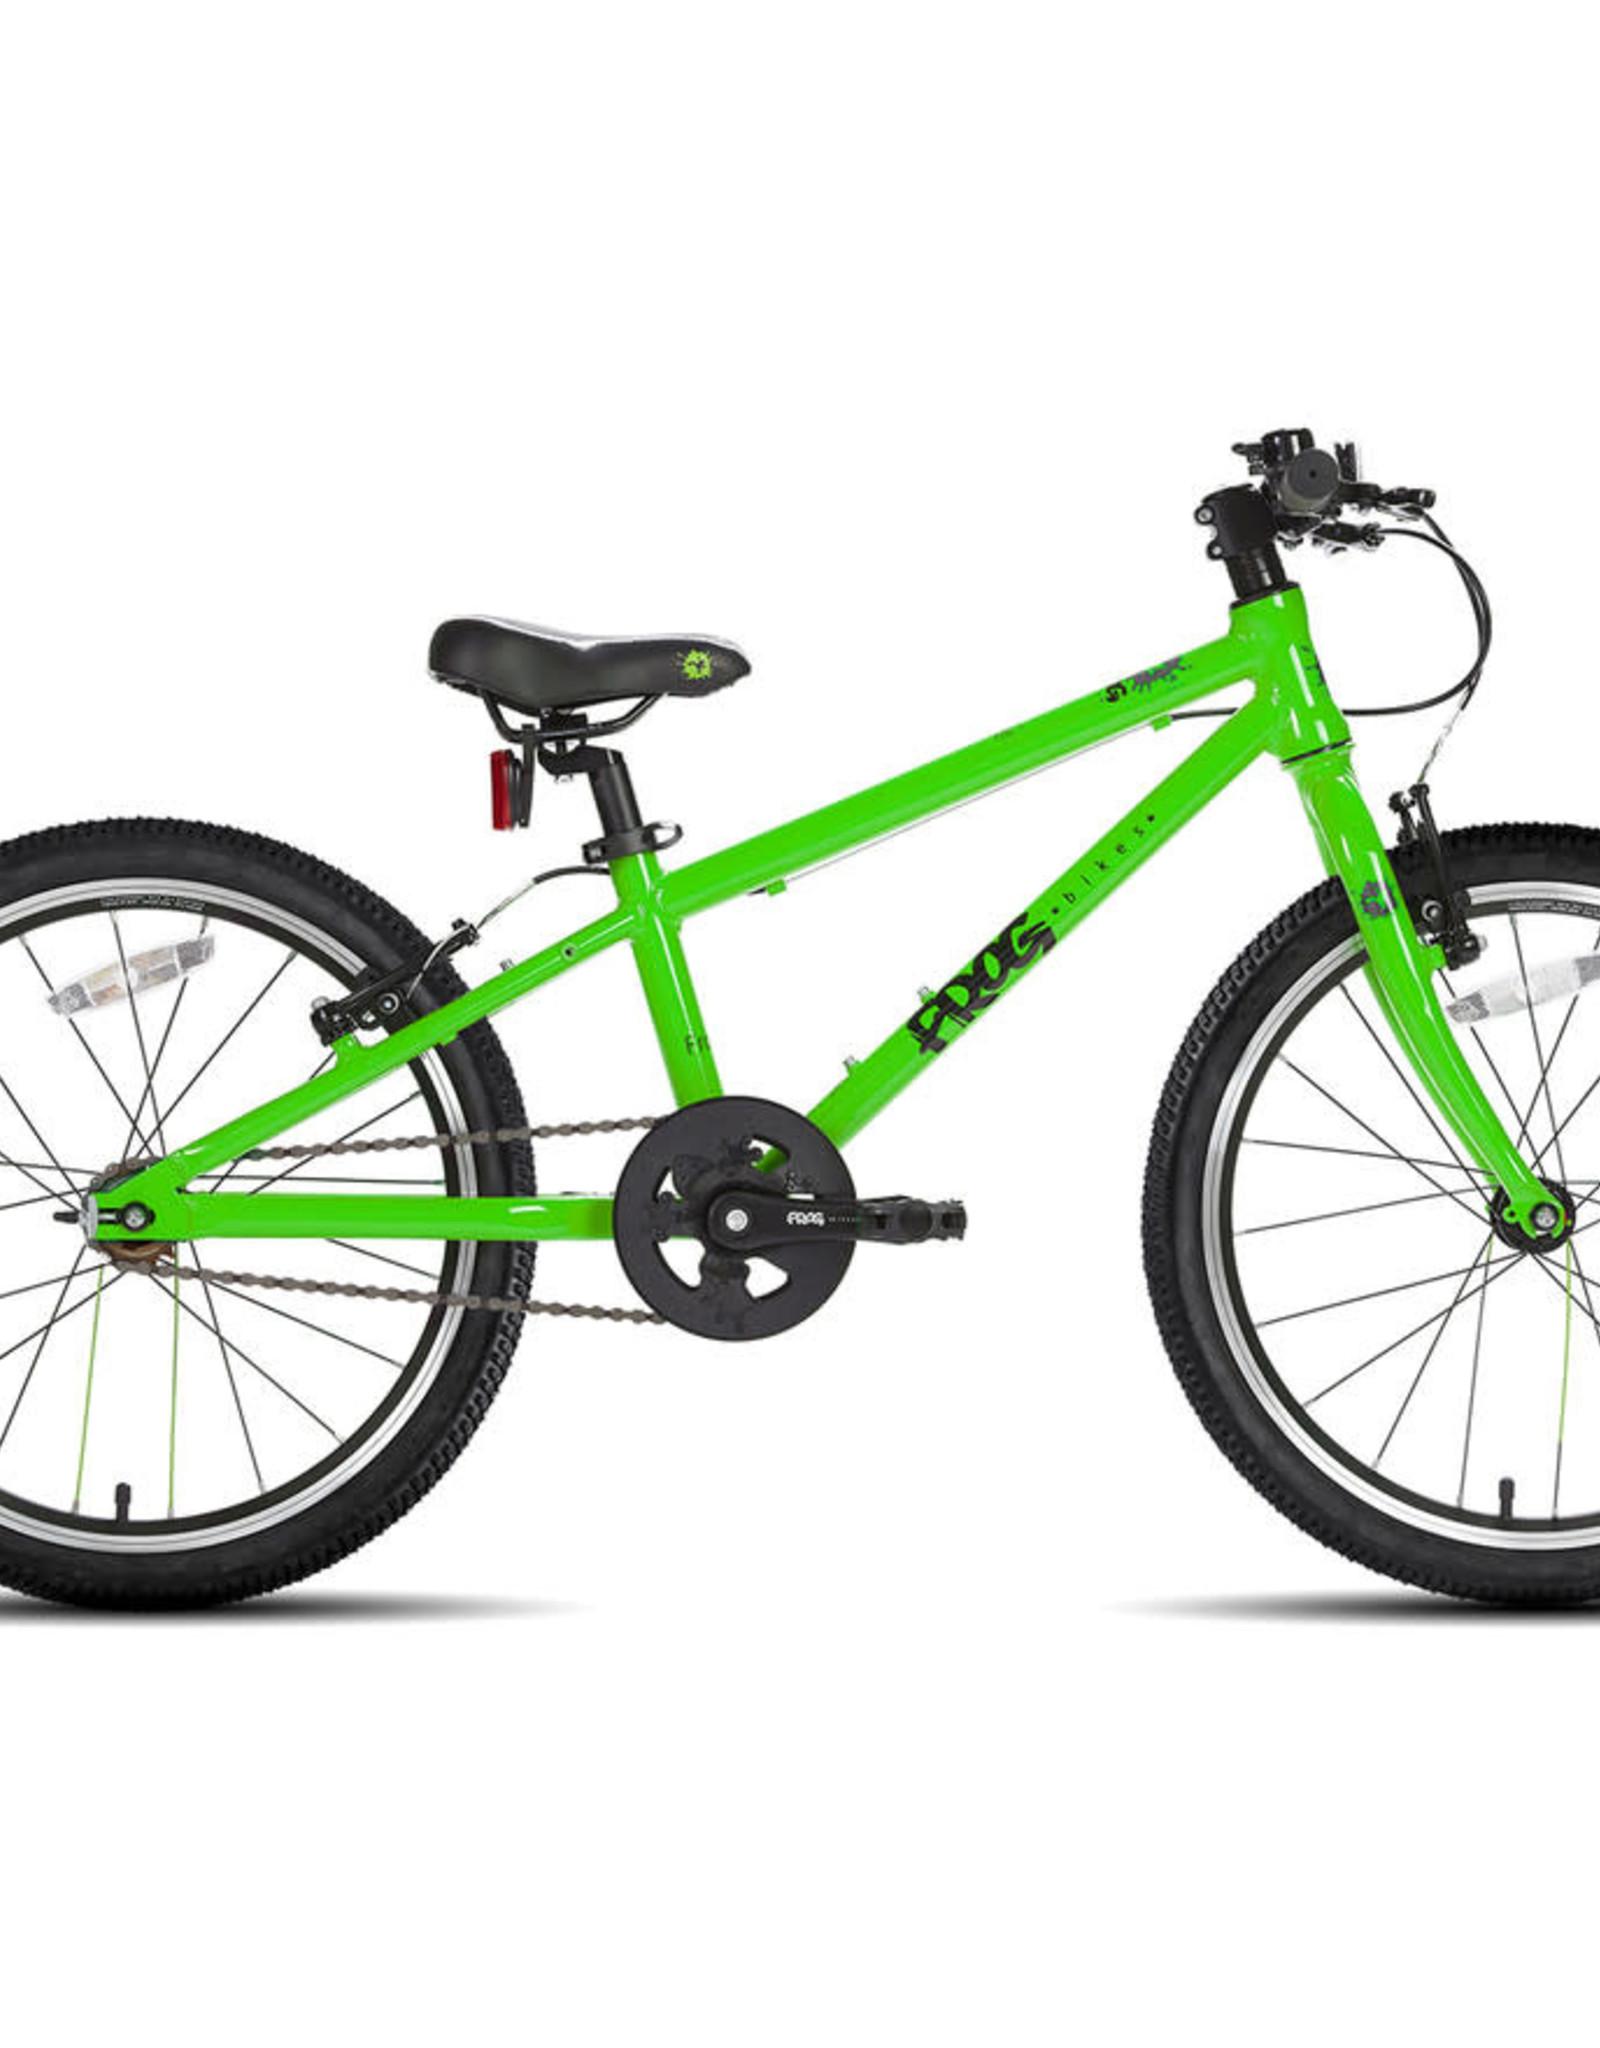 FROG Frog bike 52 Single Speed